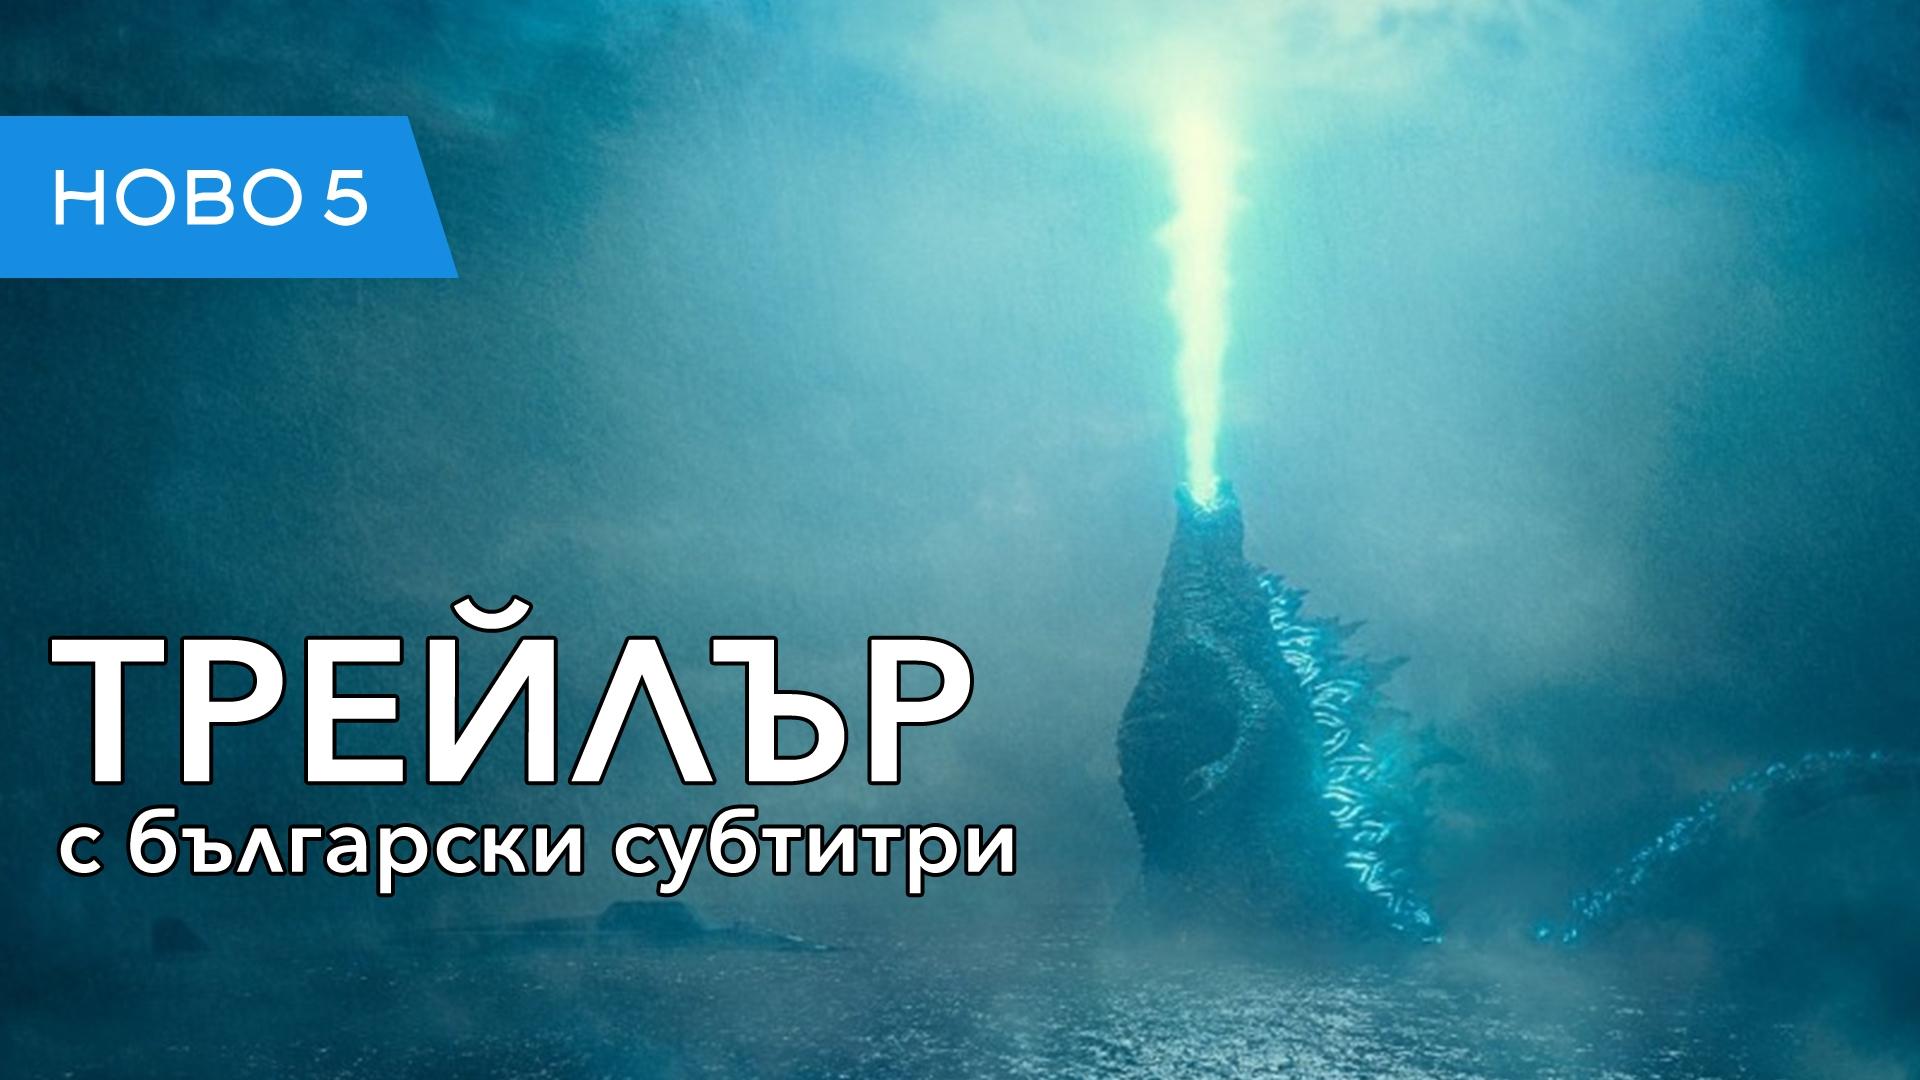 Годзила II: Кралят на зверовете (2019) трейлър с български субтитри